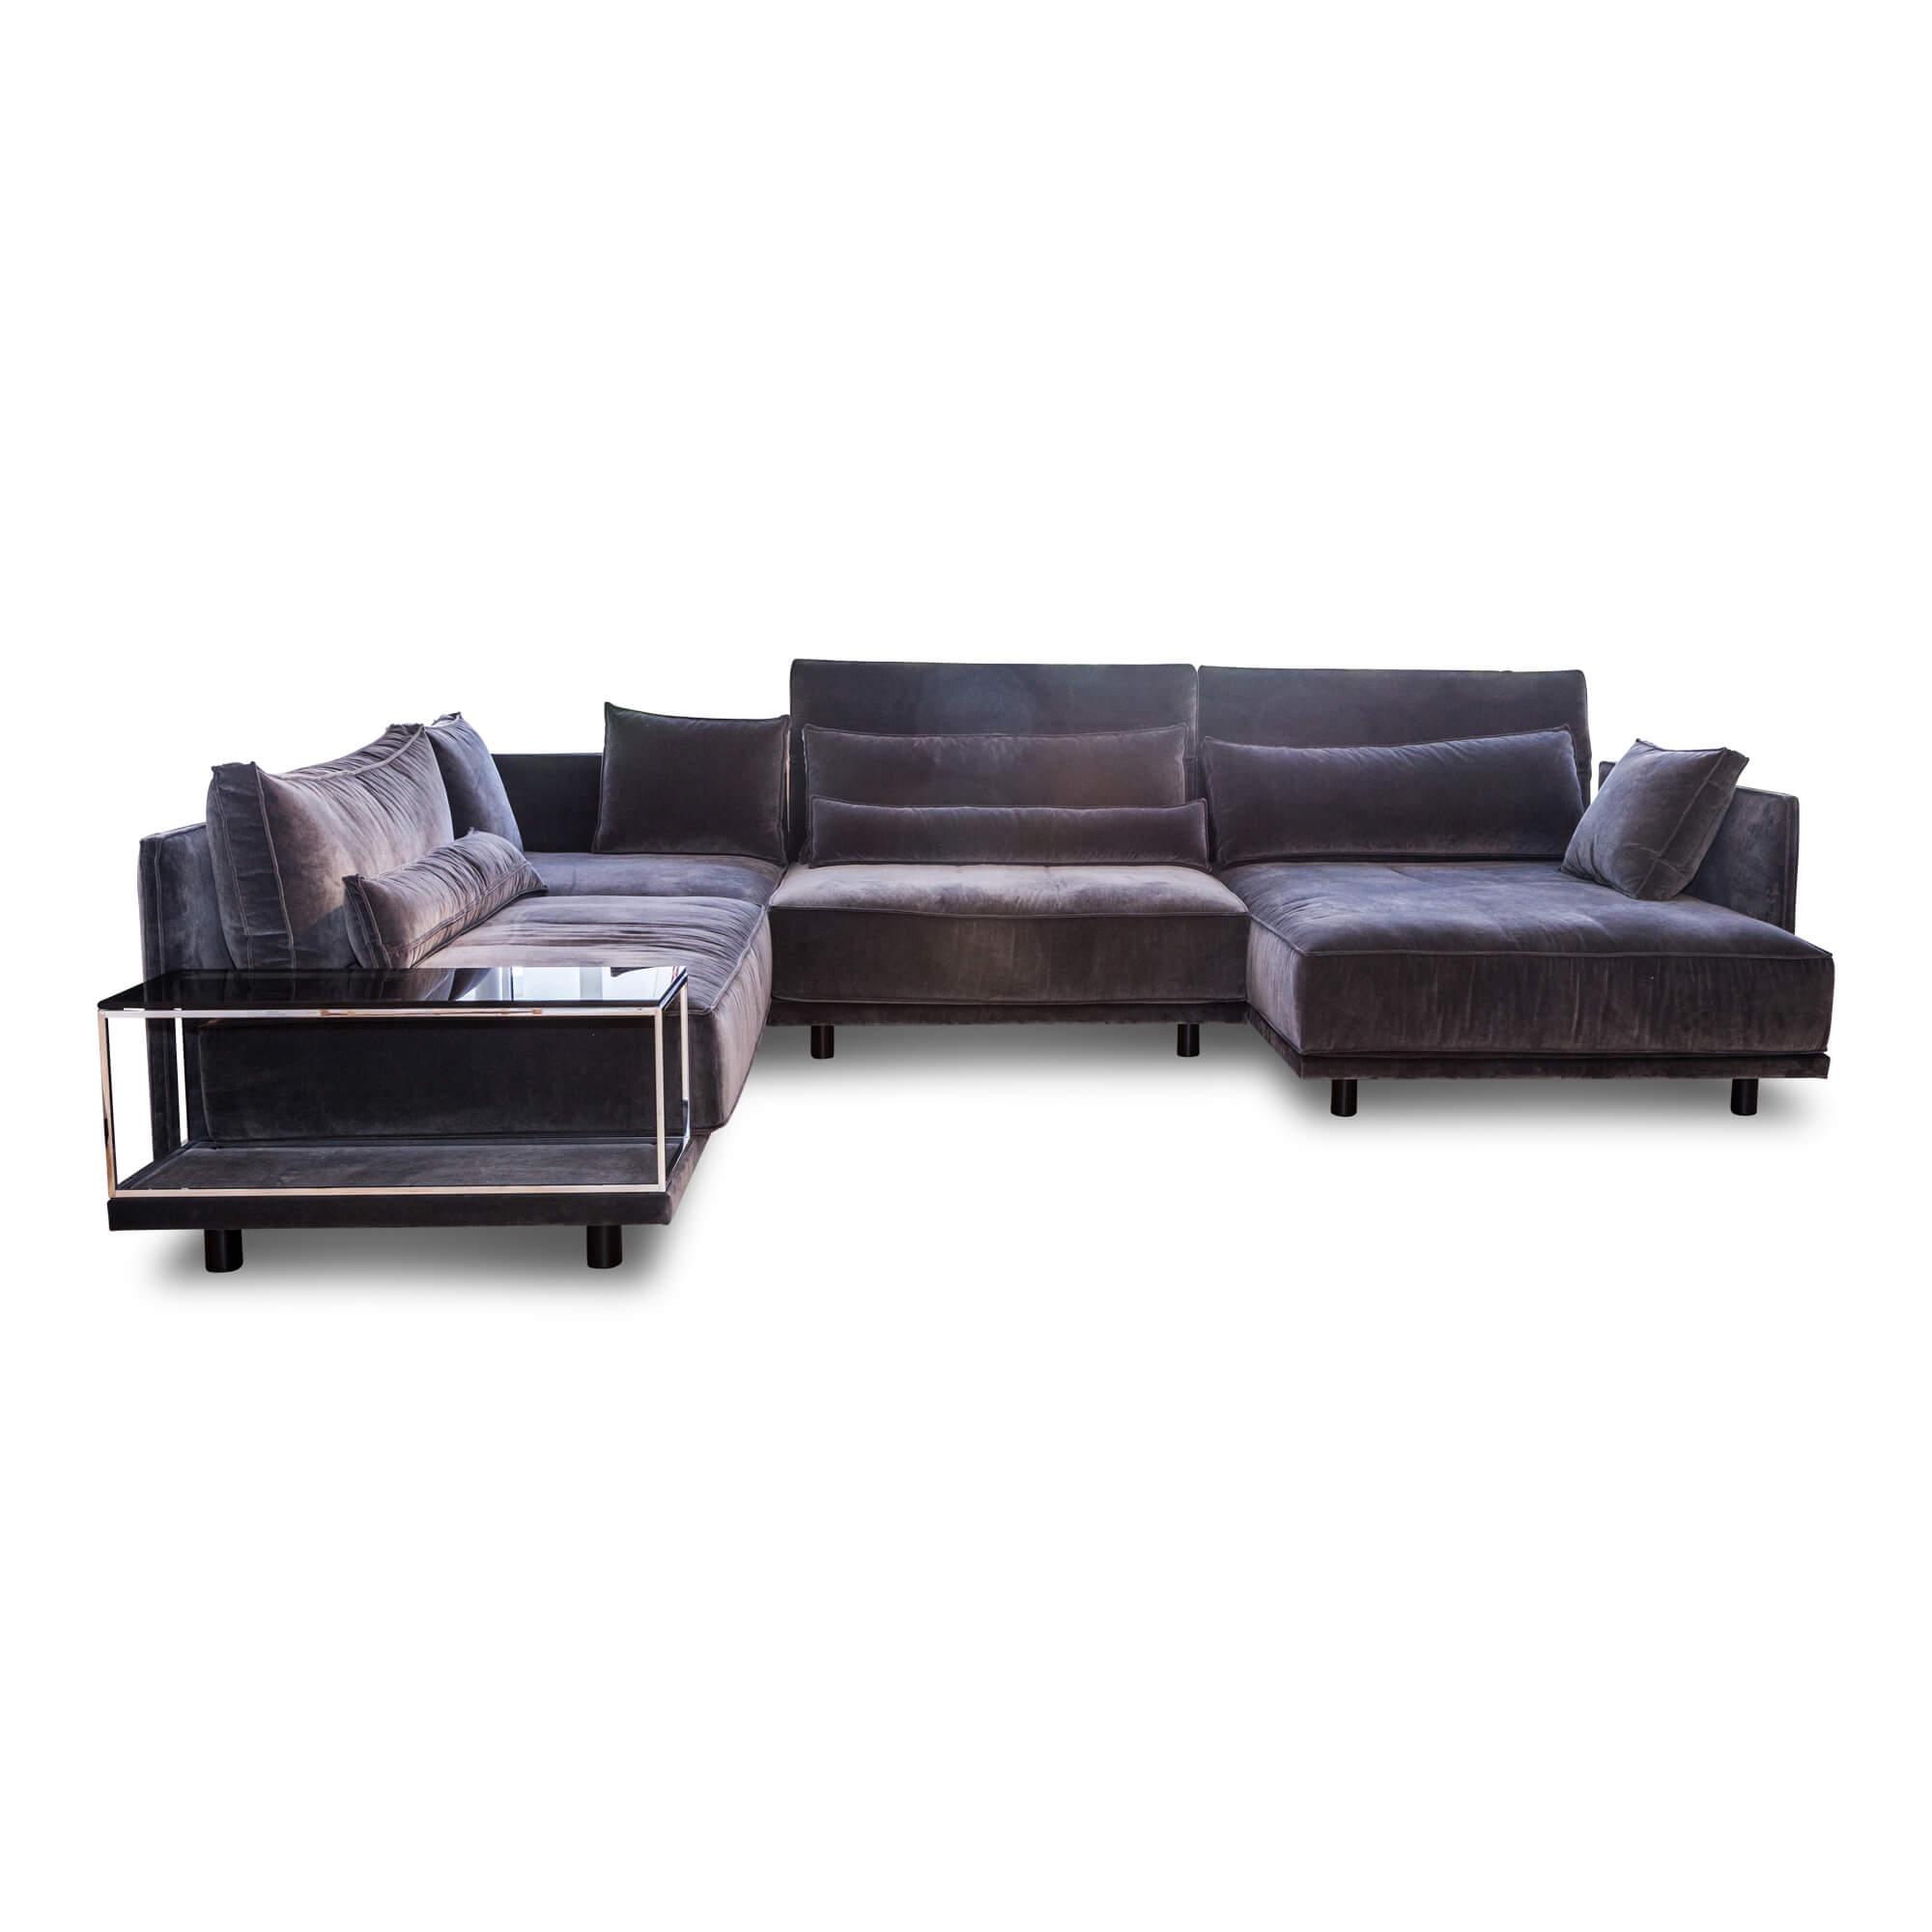 Ecksofa Cube Lounge Stoff Samt Grau Mit Tisch – IP Design – günstig